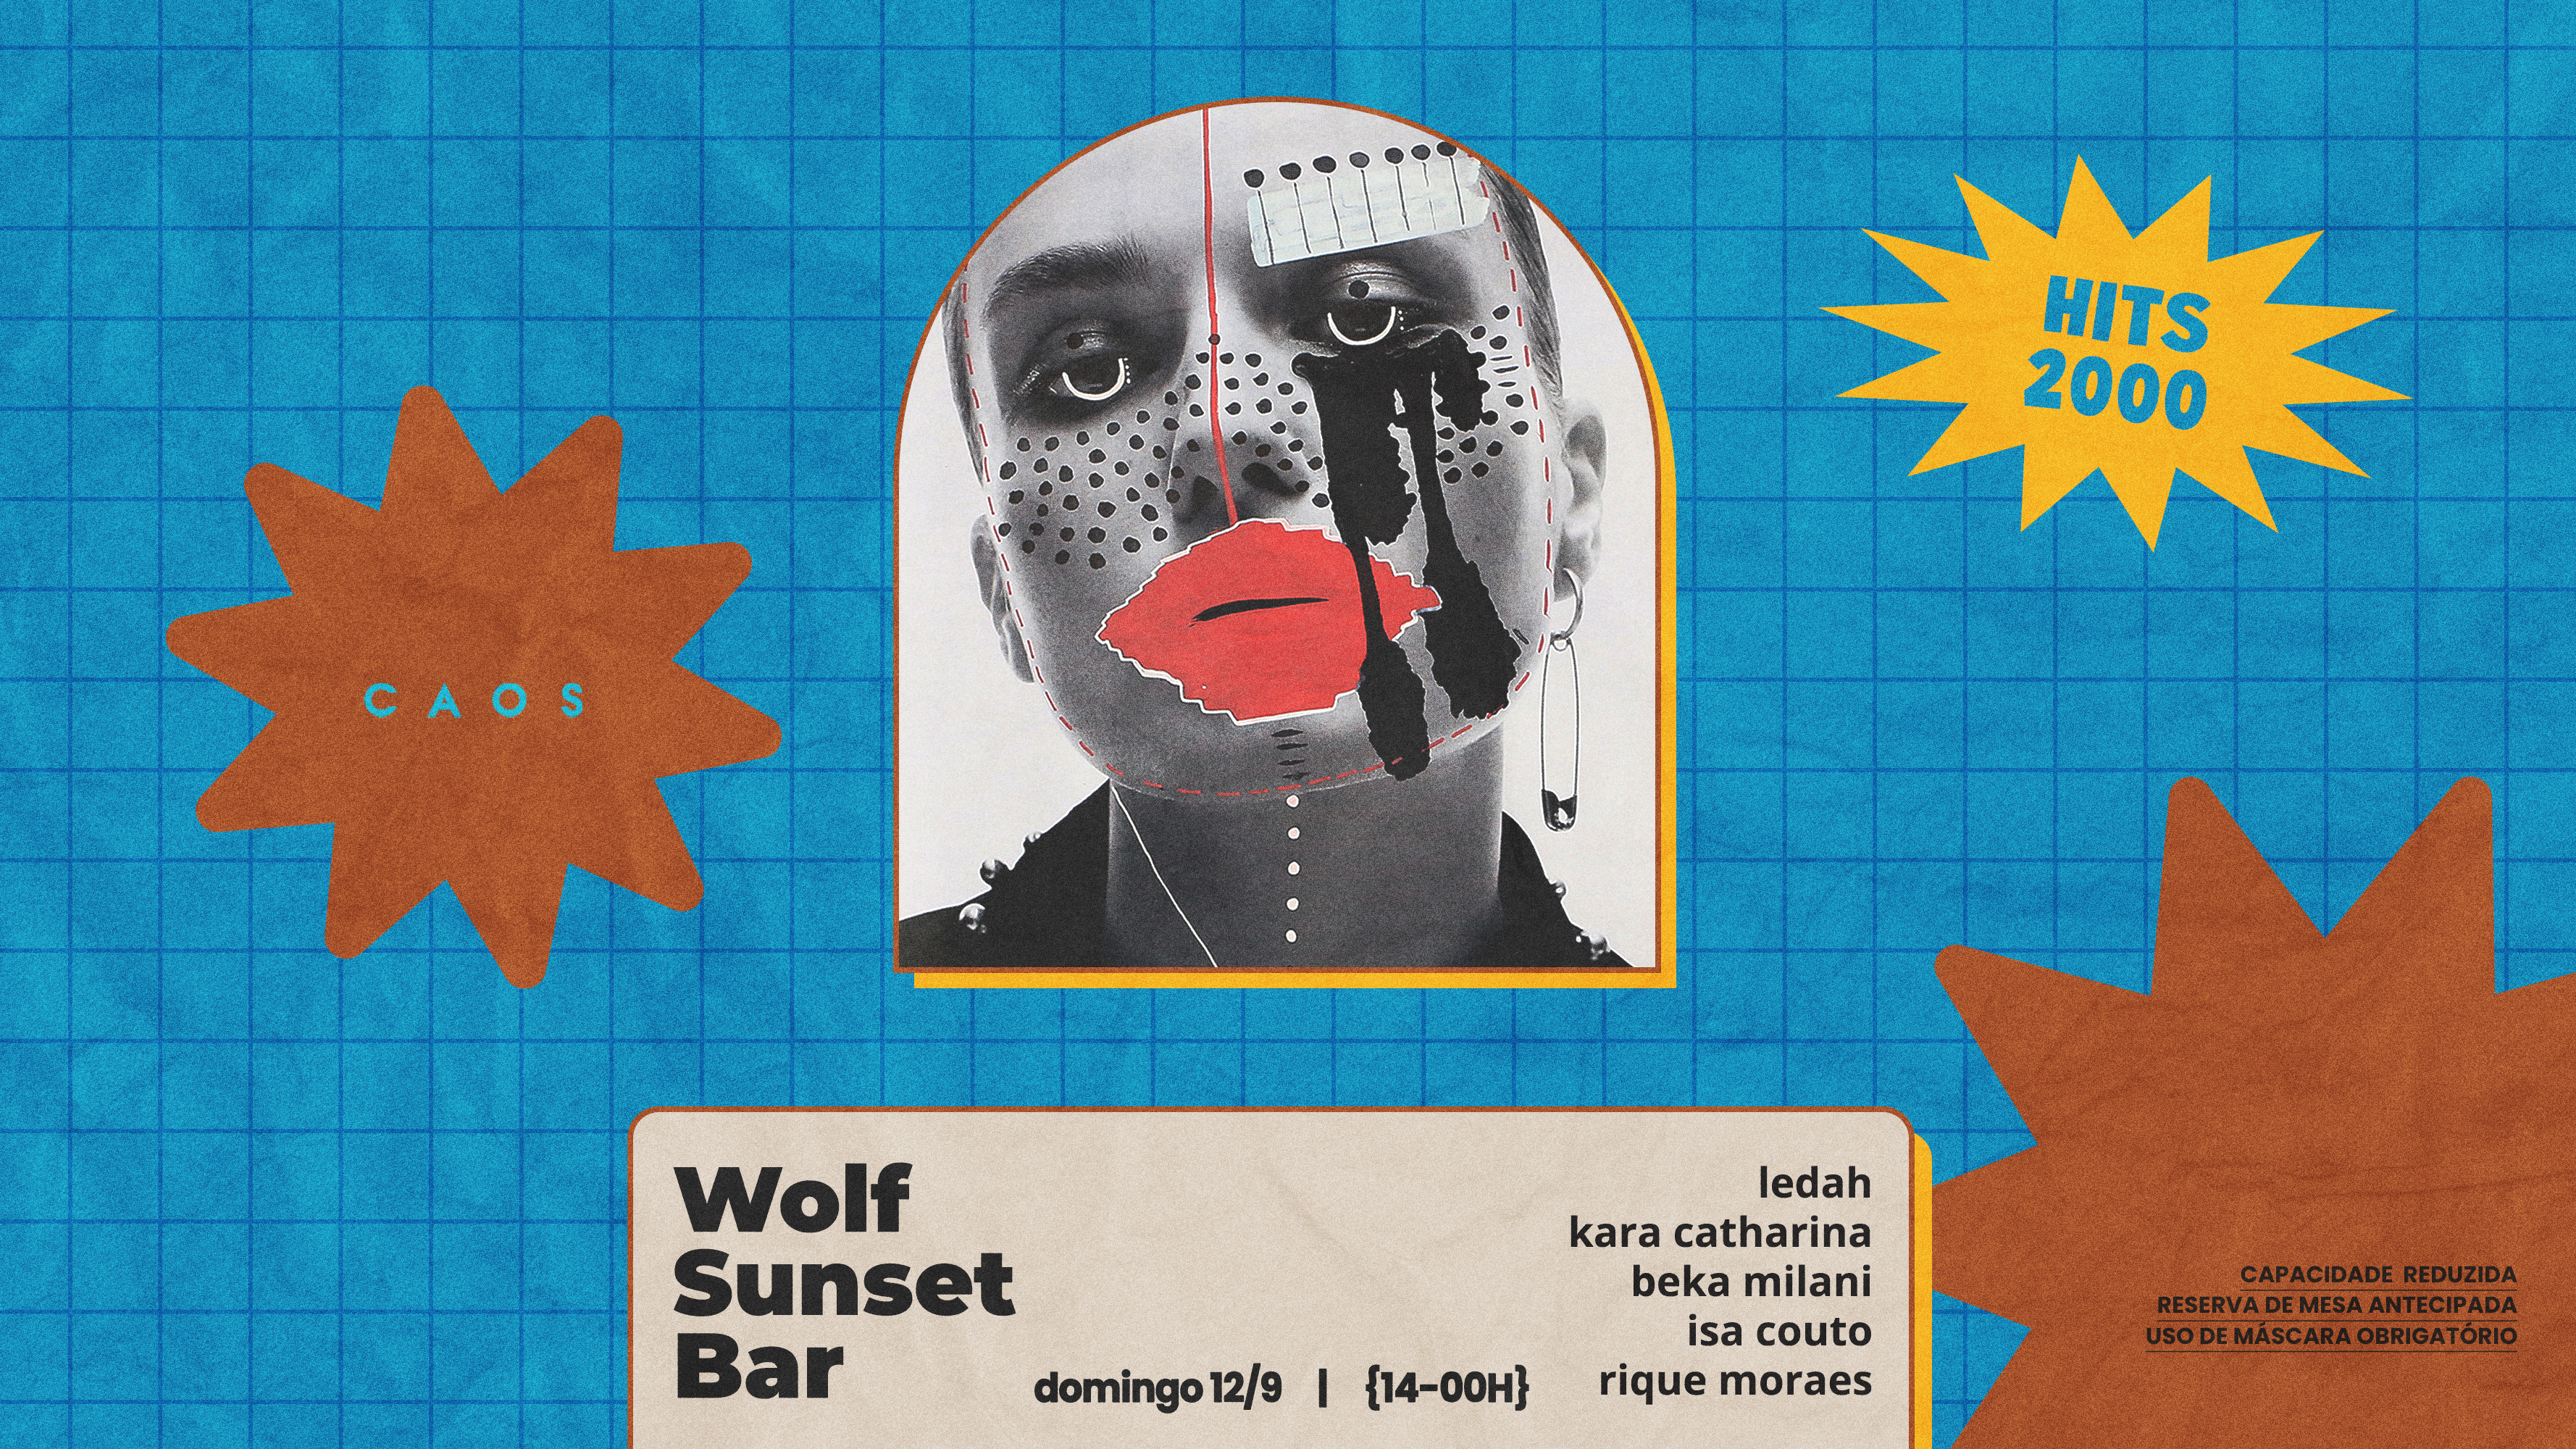 Wolf Sunset Bar apresenta Ledah